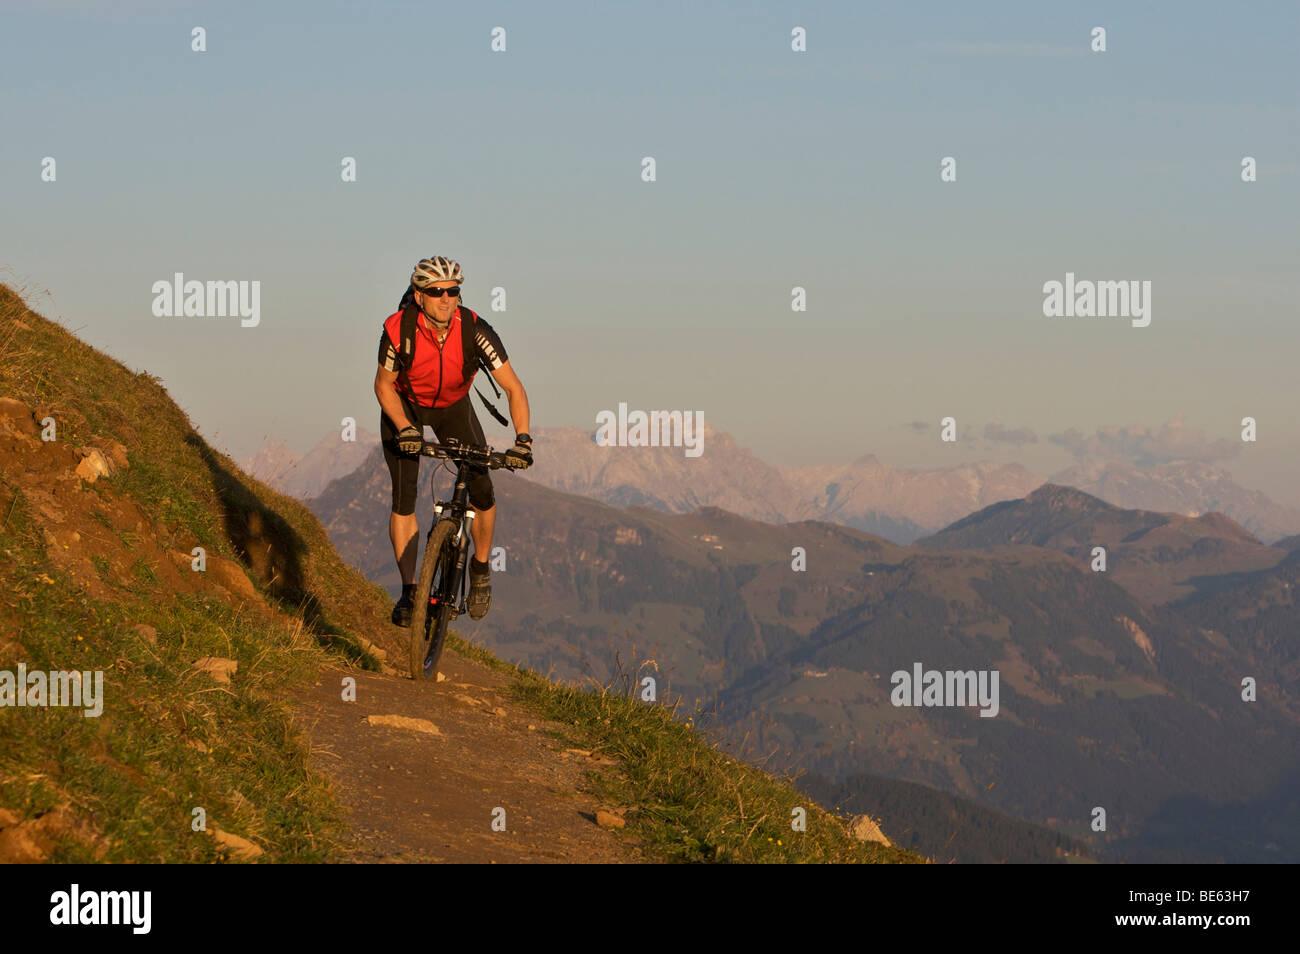 Mountainbiker at Hohe Salve mountain, Tyrol, Austria, Europe Stock Photo